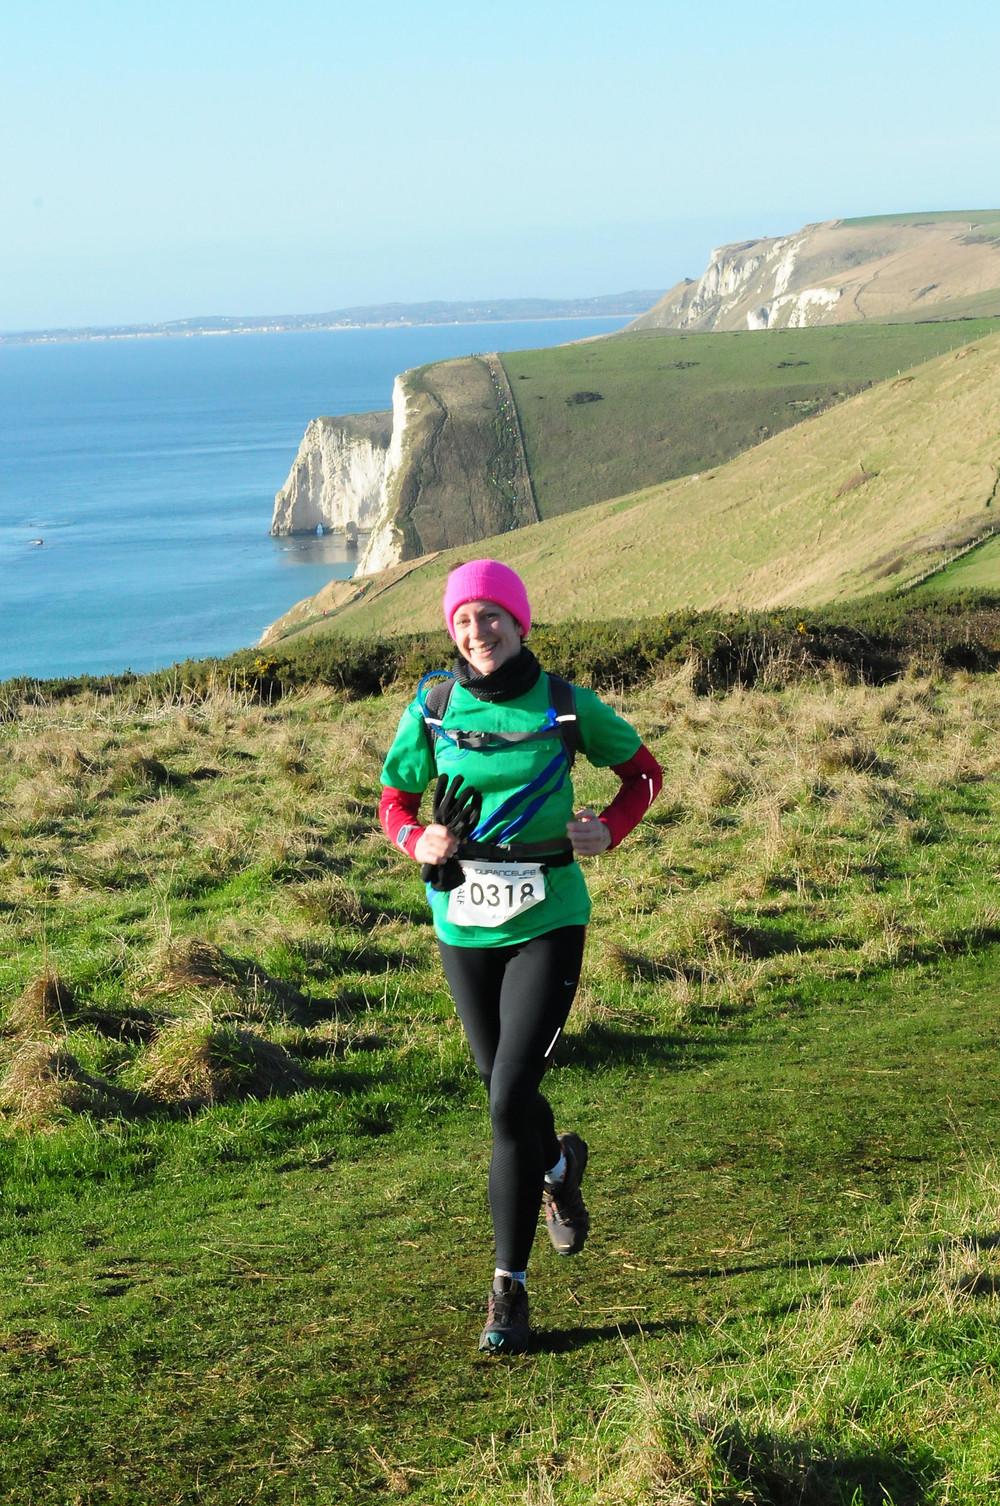 Runner racing an ultra